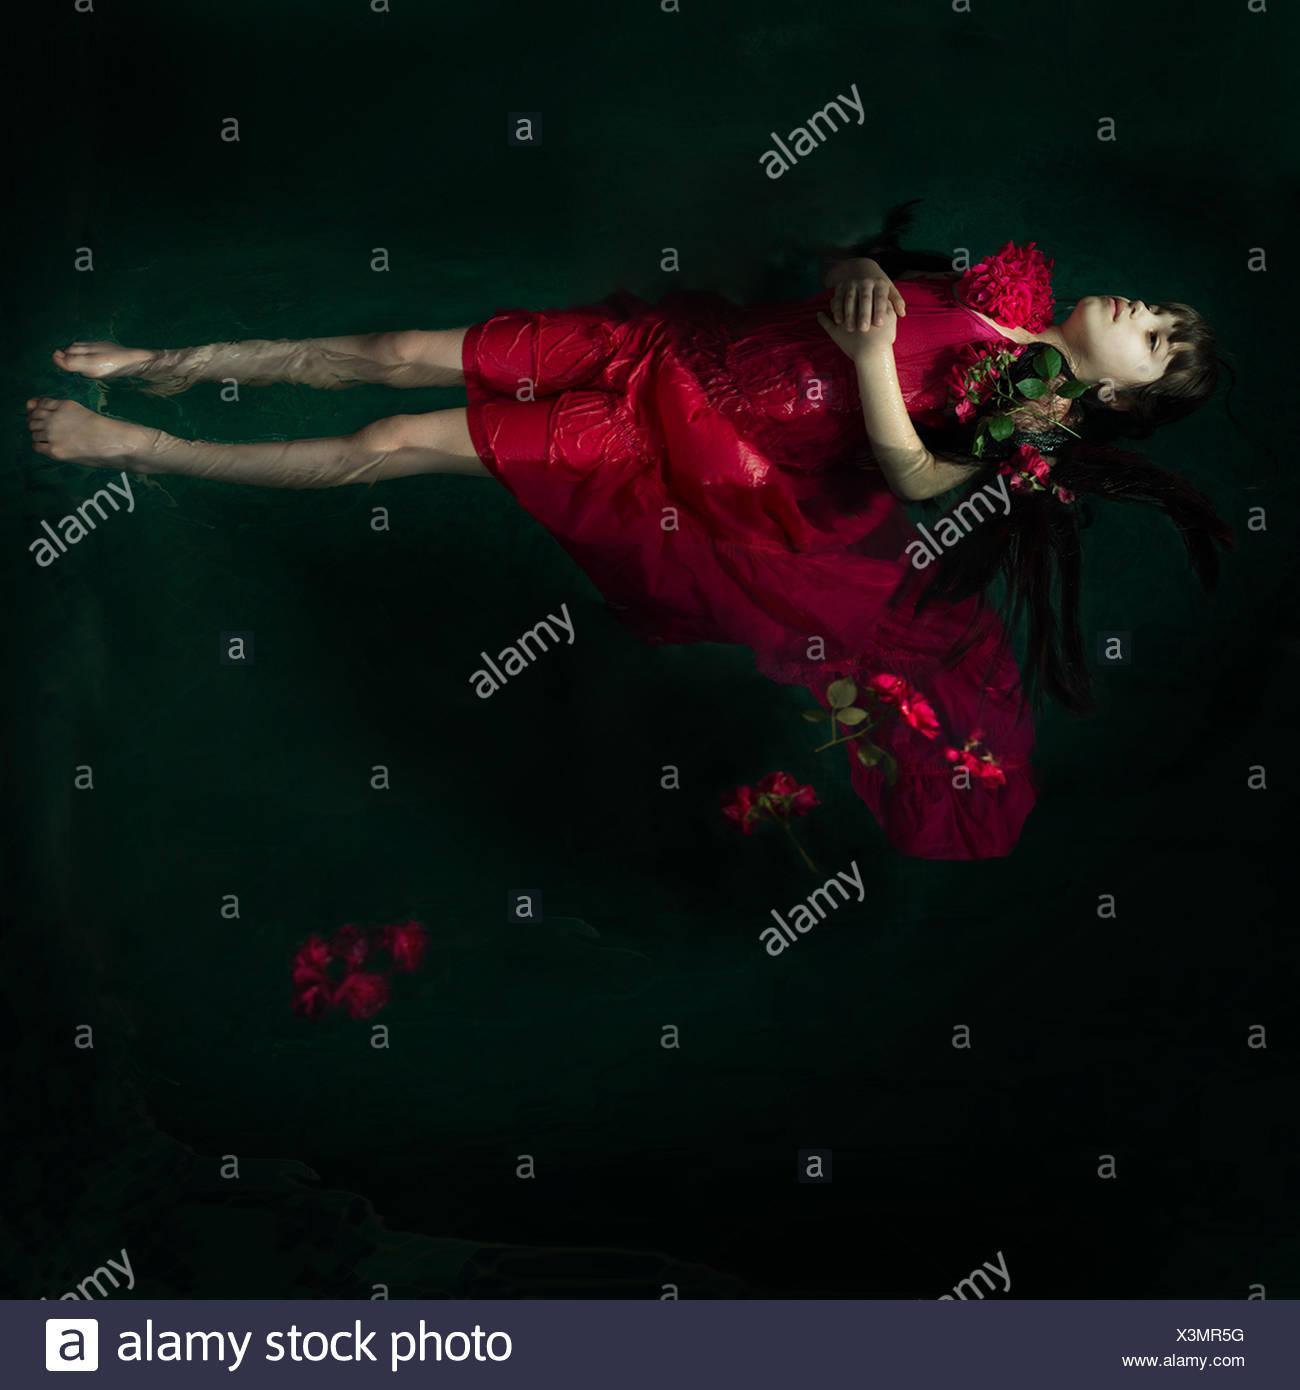 Ragazza in un abito rosso galleggianti in acqua con rose rosse Immagini Stock